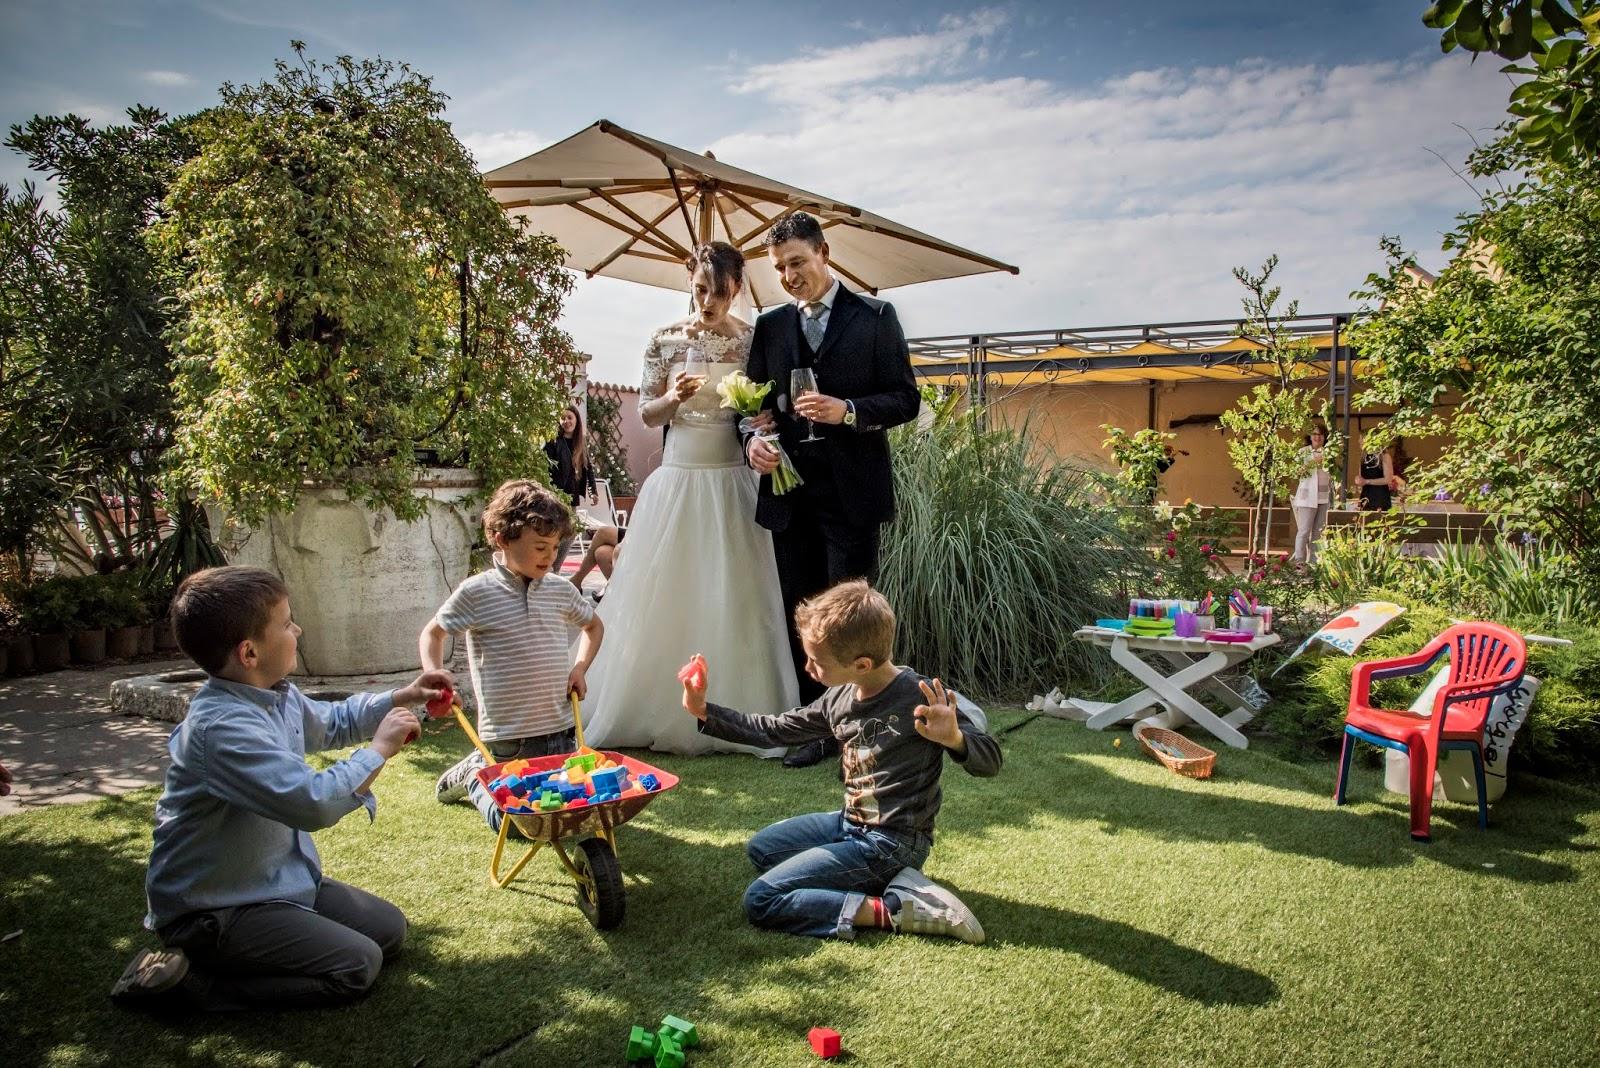 bdec7de1bc25 Matrimonio Ecologico  Un matrimonio immersi nel verde a Murano nel ...